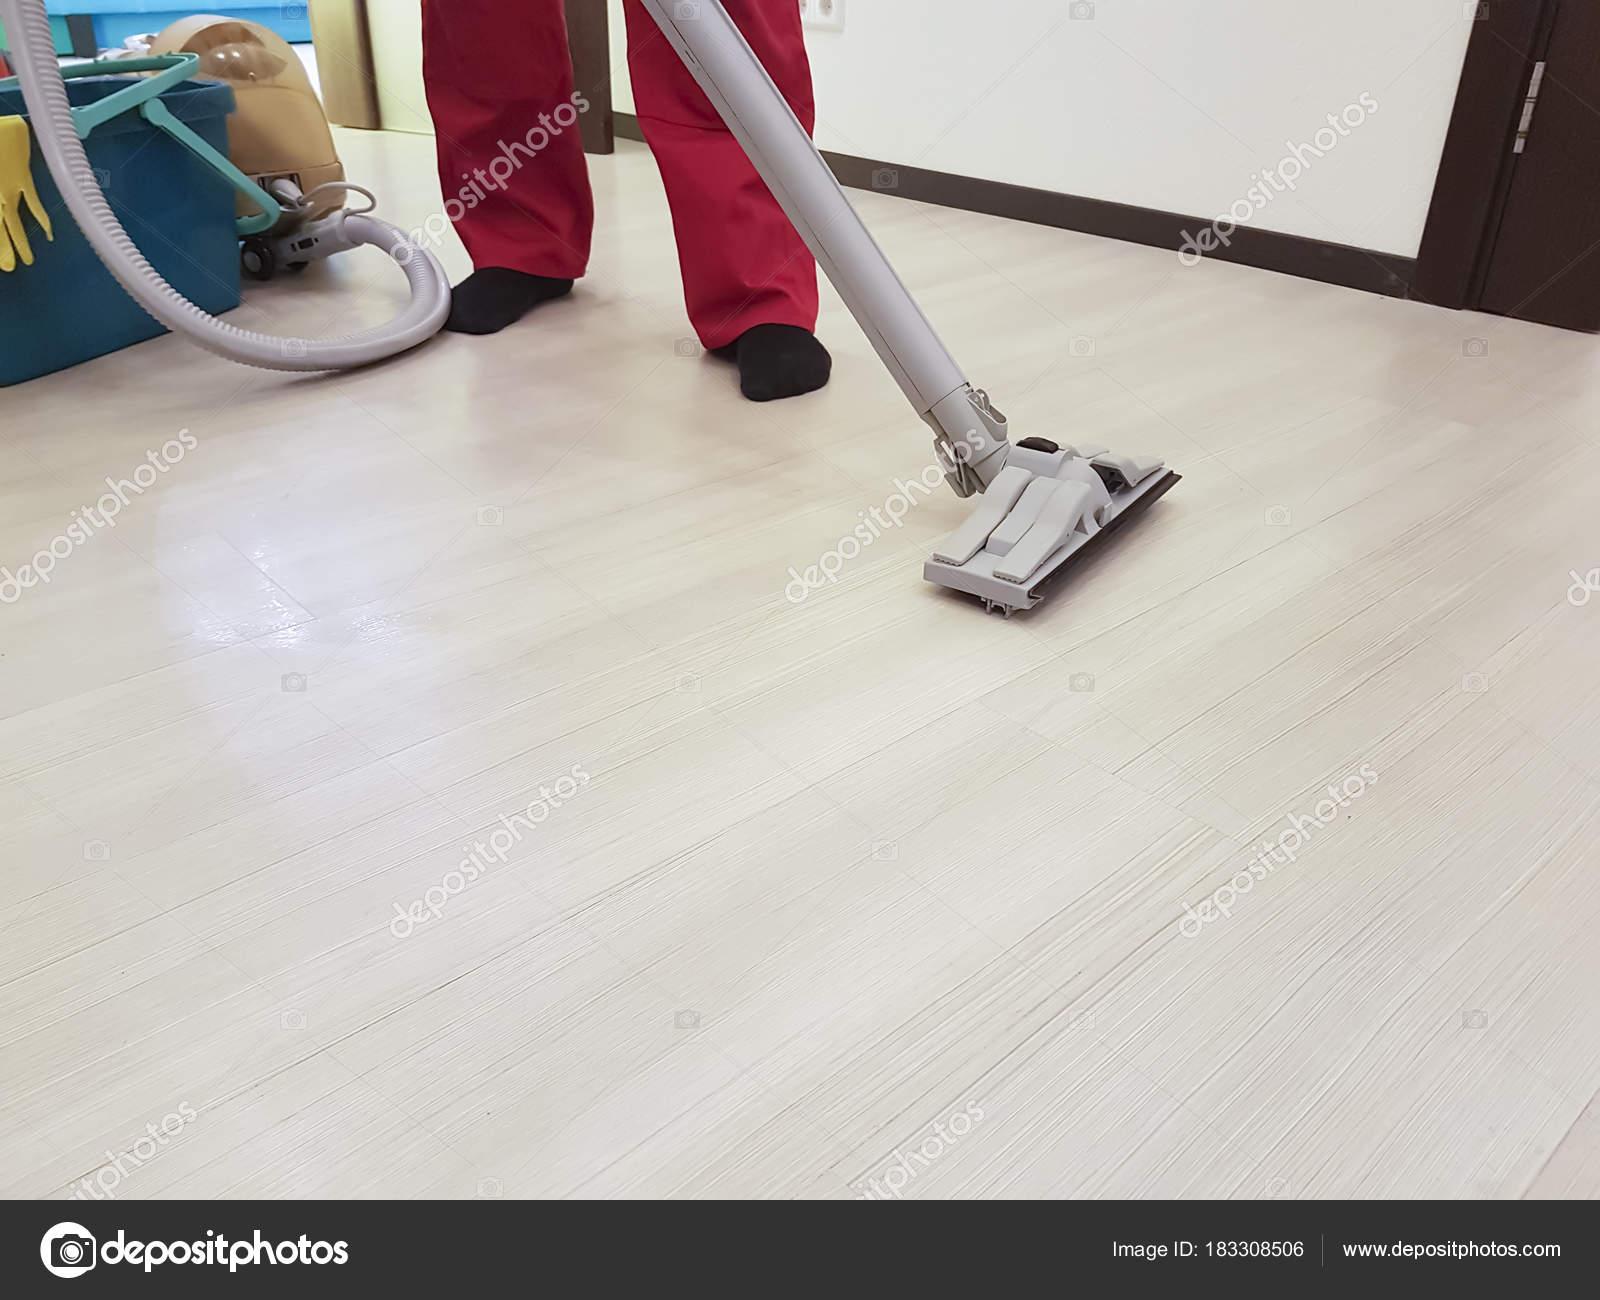 090eee3478f Ο υπάλληλος της εταιρείας αφαιρεί τη βρωμιά από το πάτωμα με μια ηλεκτρική σκούπα  ατμού στο διαμέρισμα — Εικόνα από ...